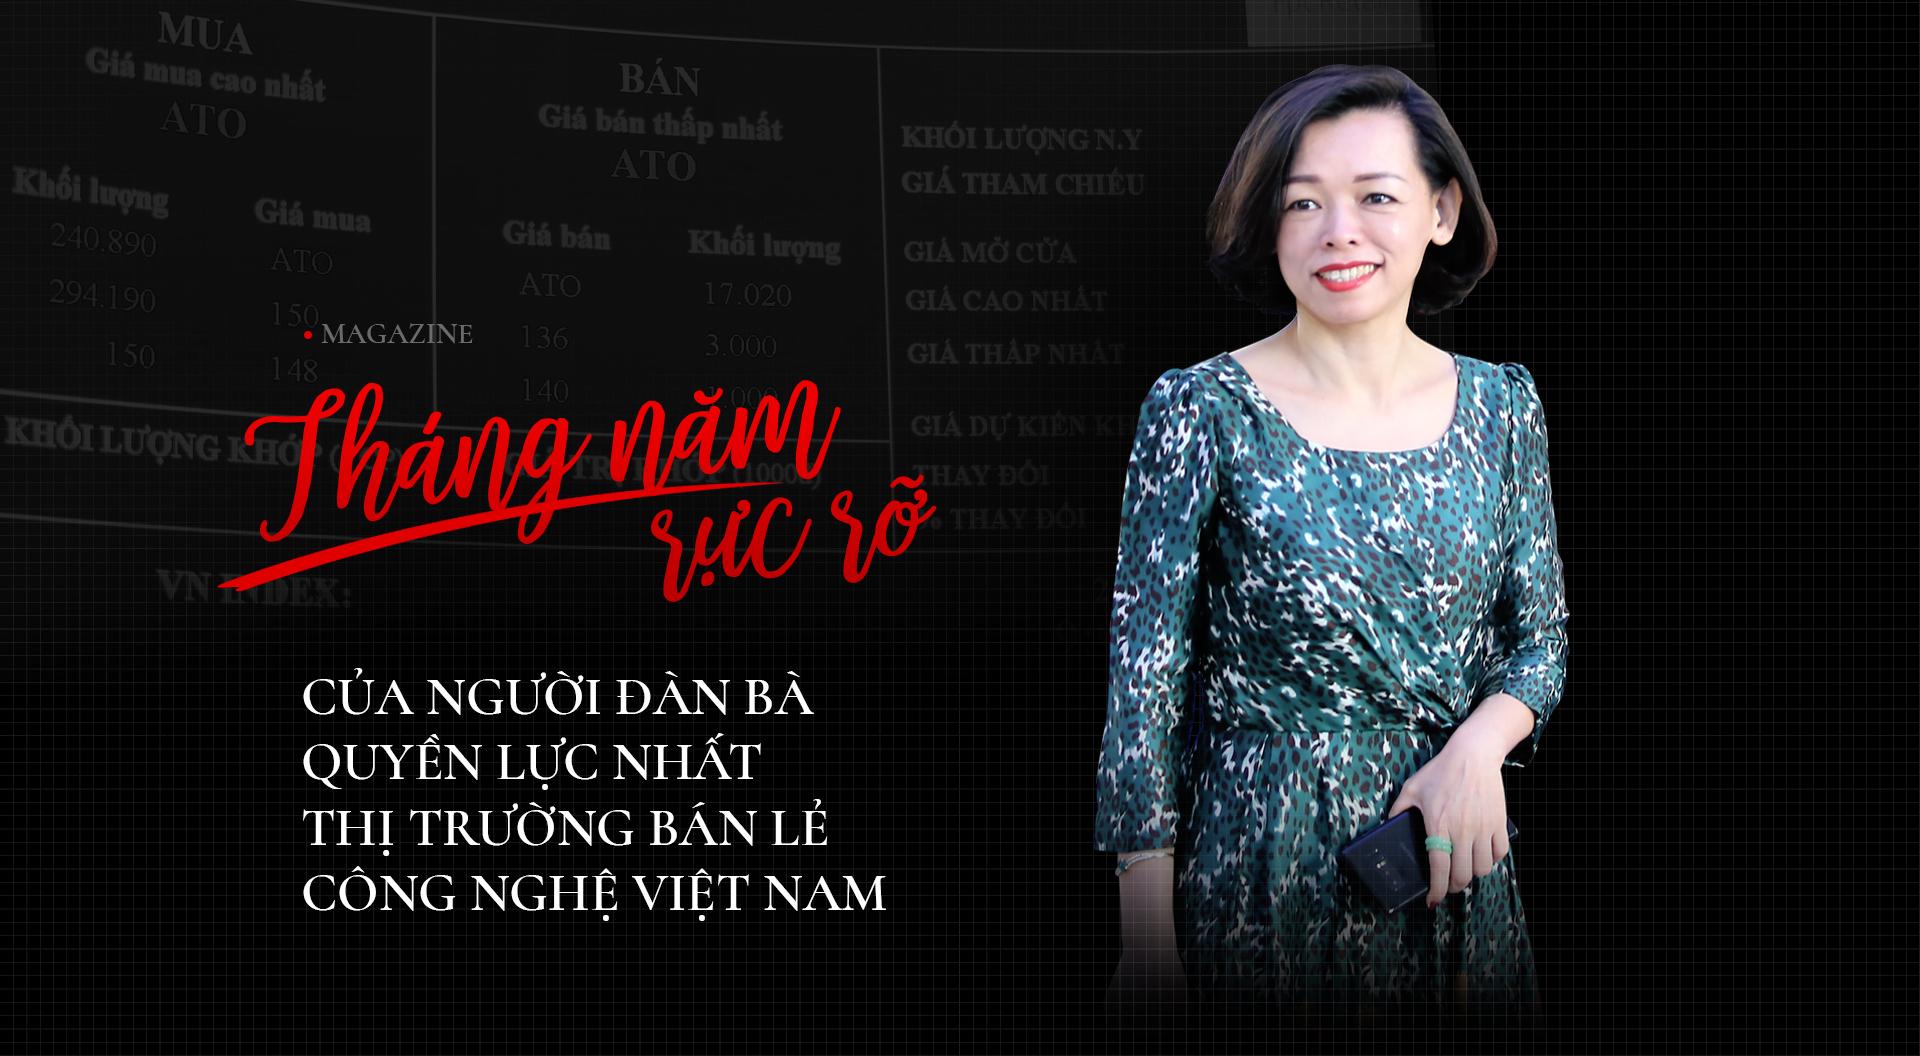 Tháng năm rực rỡ của người đàn bà quyền lực nhất thị trường bán lẻ công nghệ Việt Nam